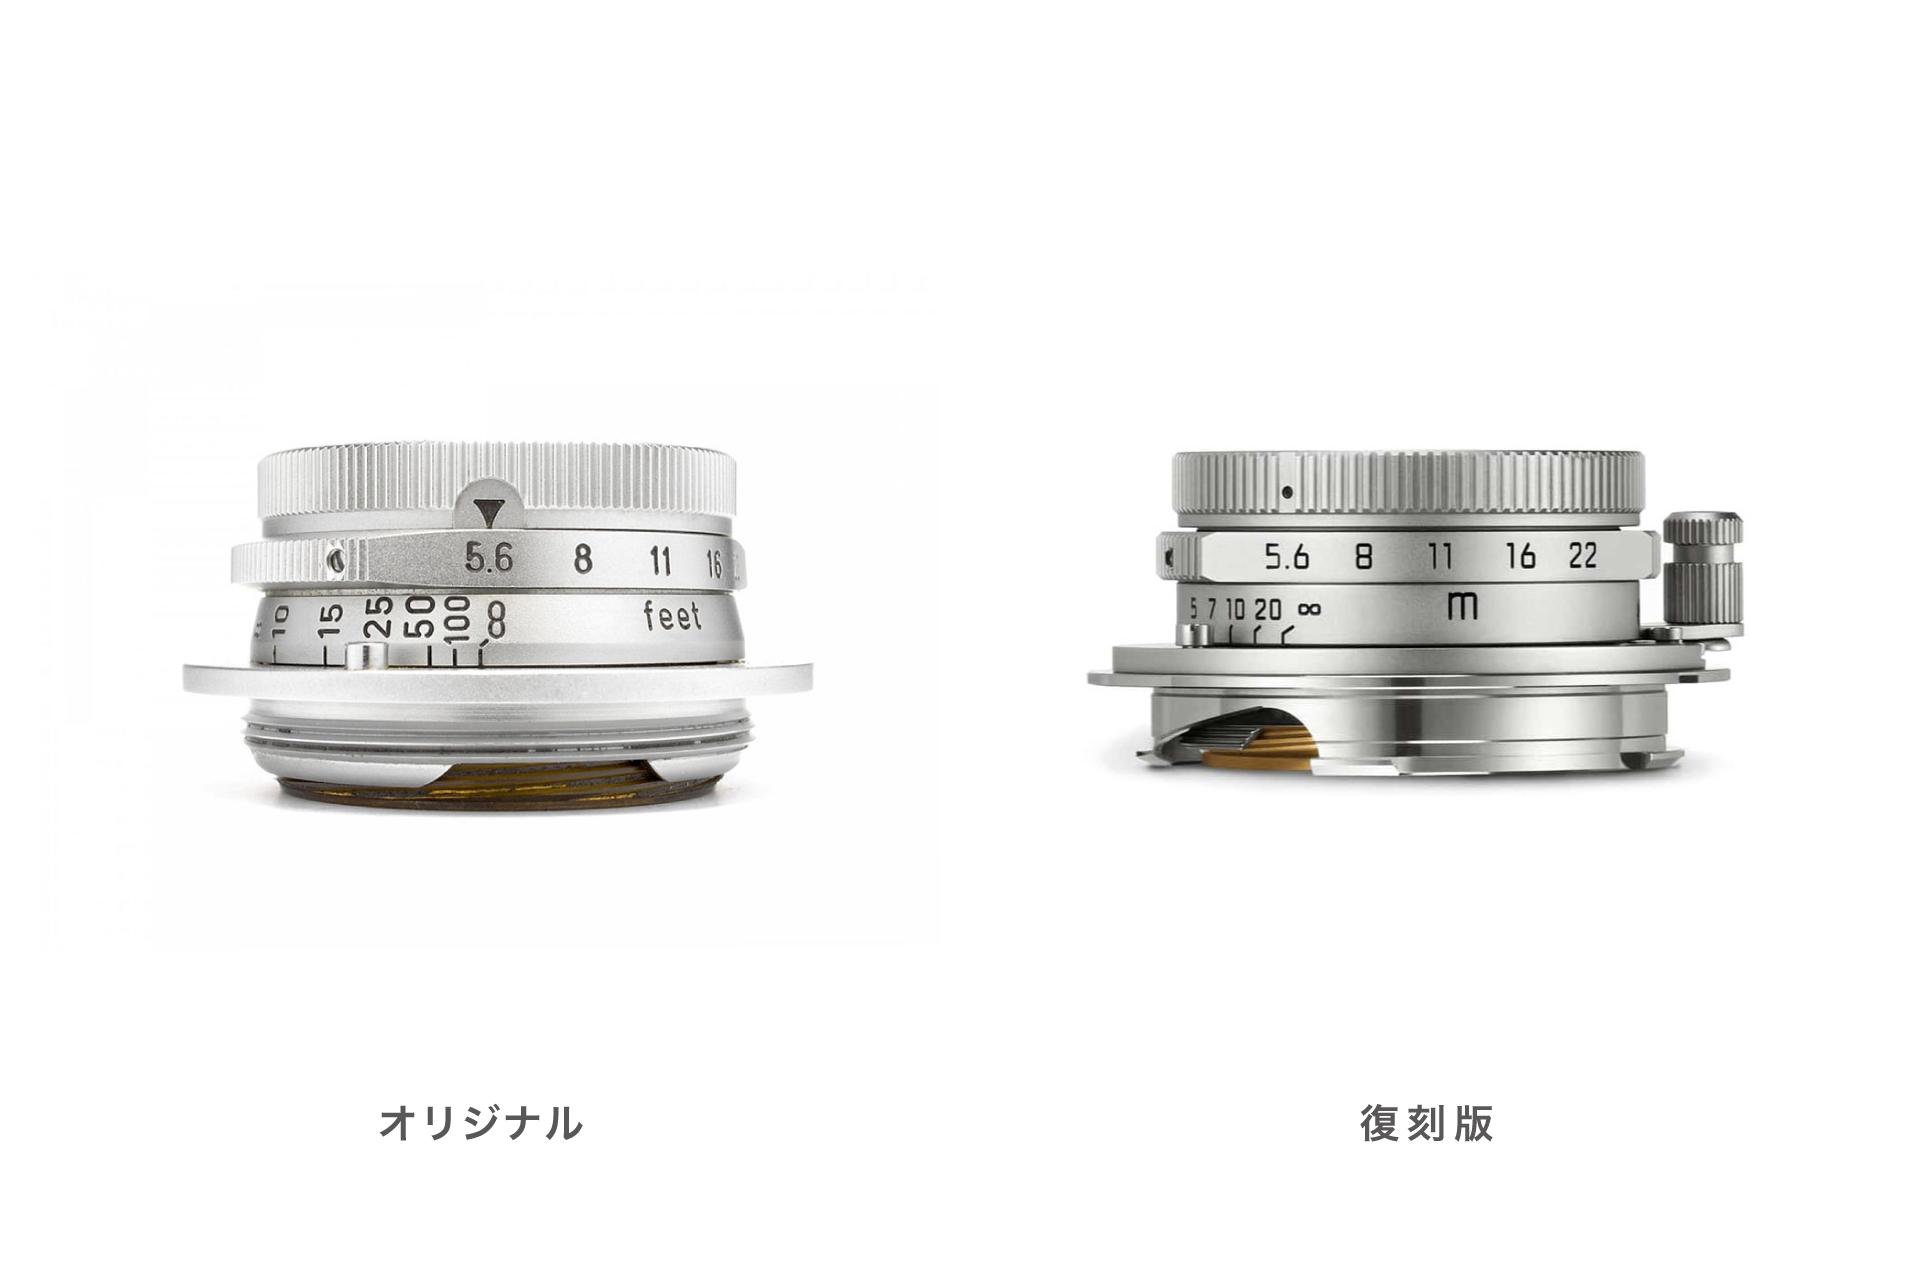 復刻(リバイバル)してほしいライカの銘玉レンズ Summaron 28mm f5.6